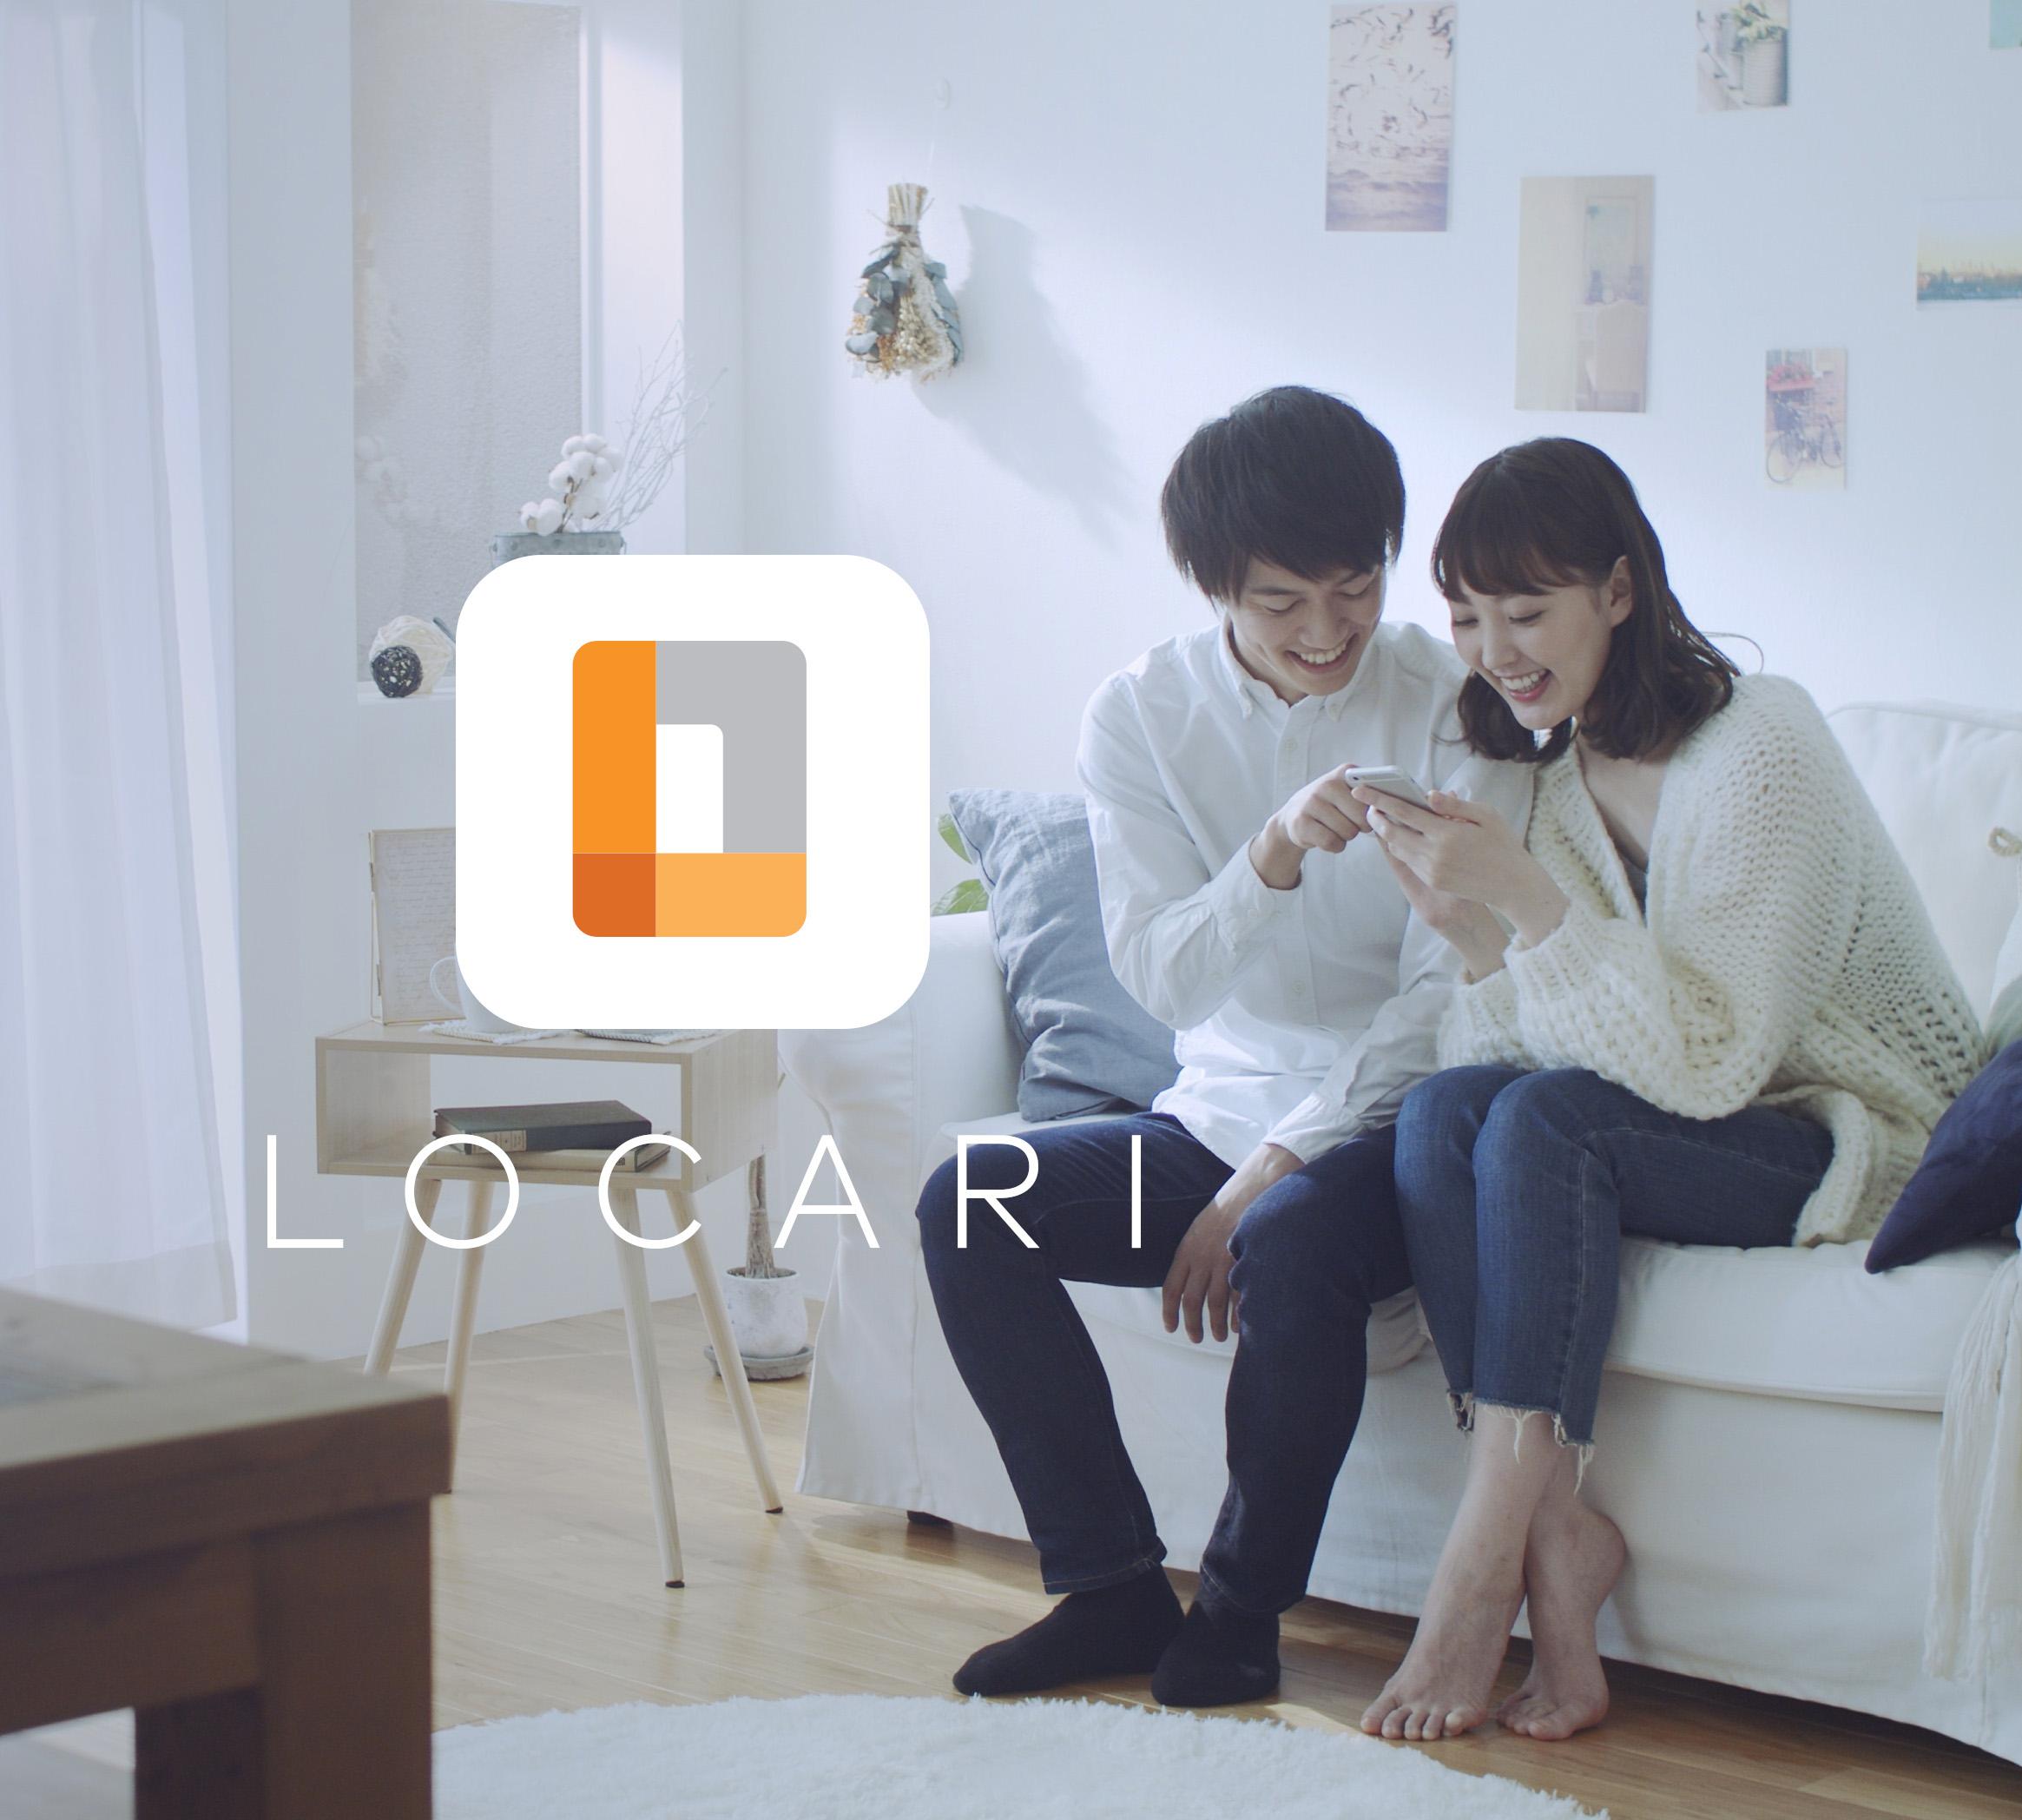 【TVCM】LOCARI「助けてロカリ」3篇(2018/15sec)